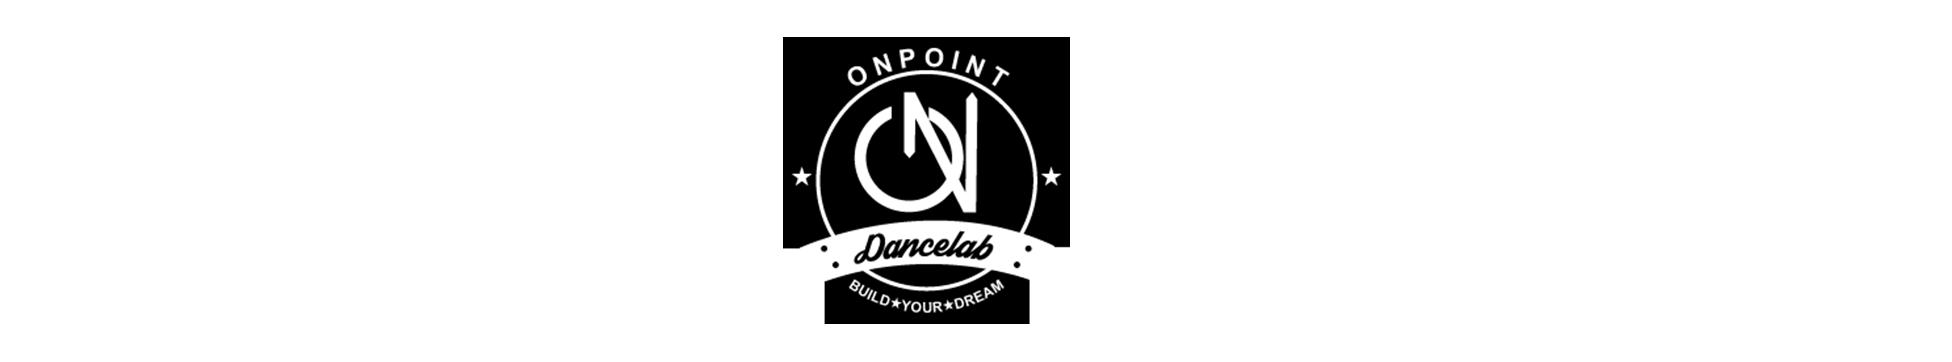 OnPoint Dancelab